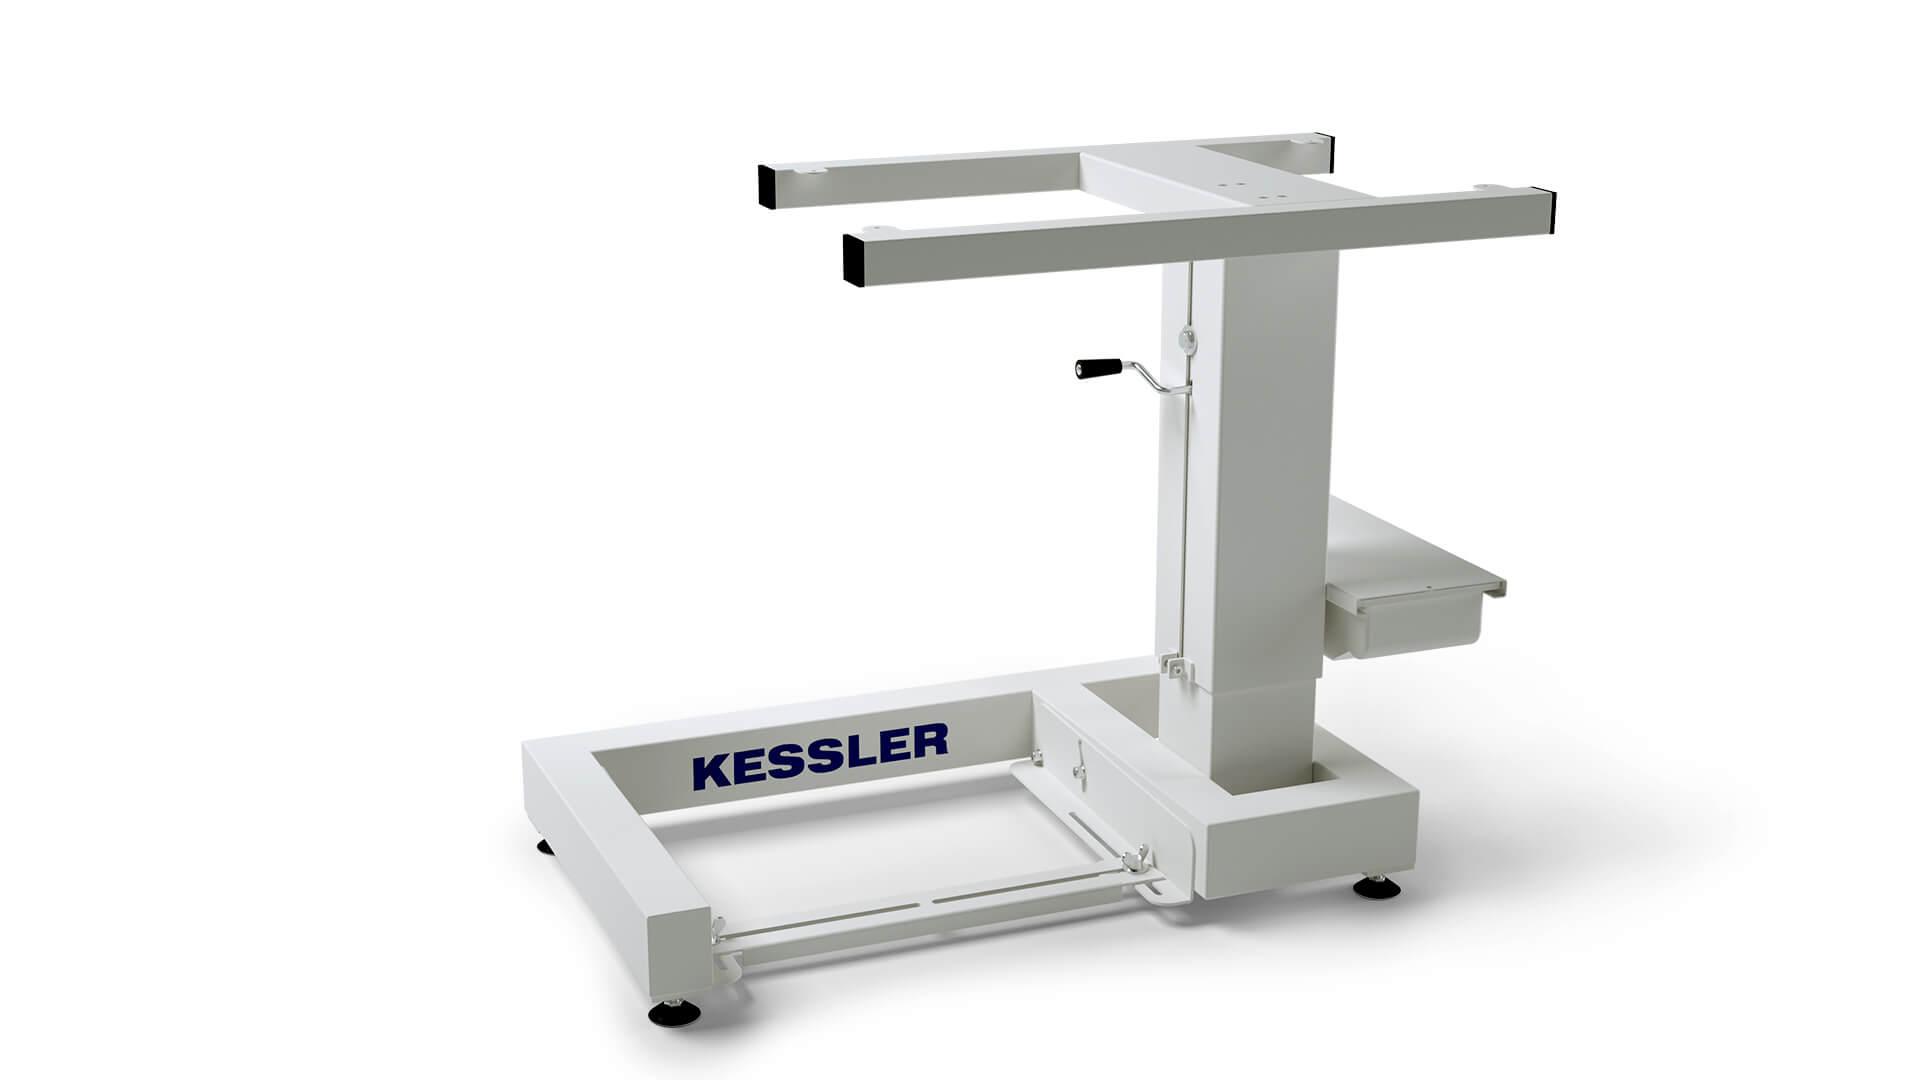 Nähmaschinen-Untergestelle von Kessler